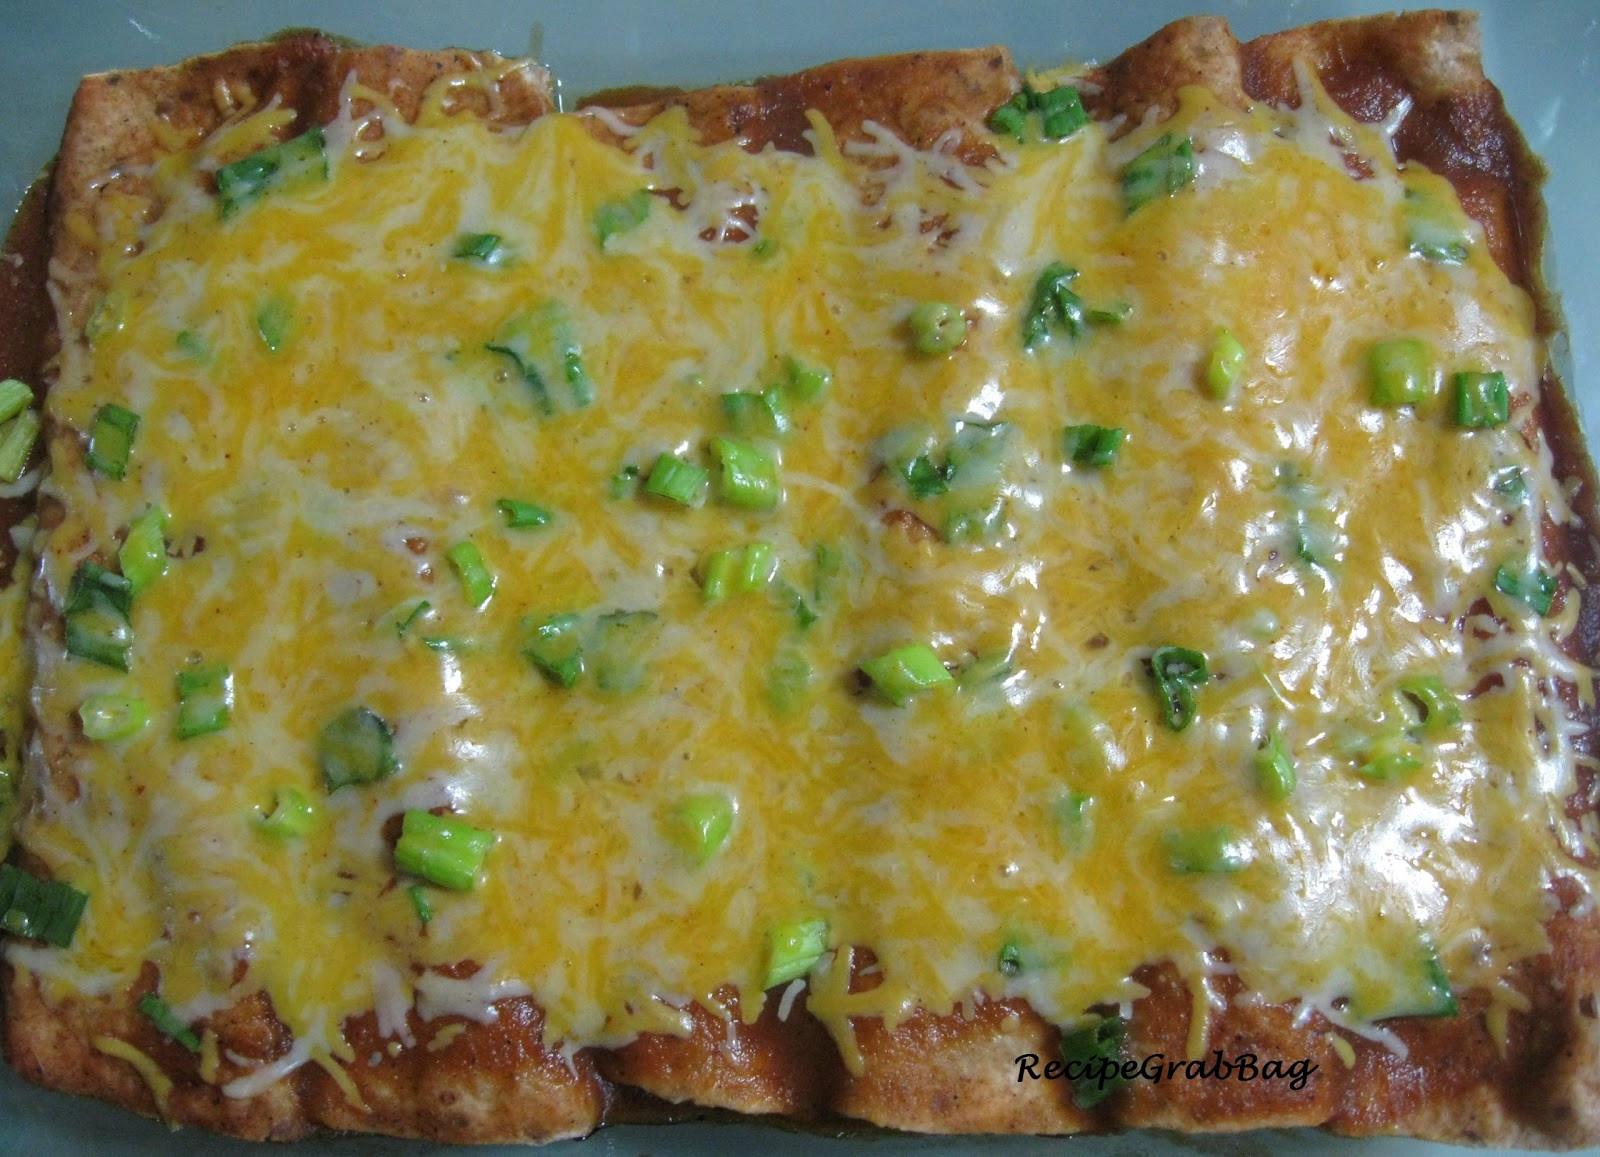 Easy Vegetarian Enchiladas  RecipeGrabBag Quick and Easy Ve arian Enchiladas